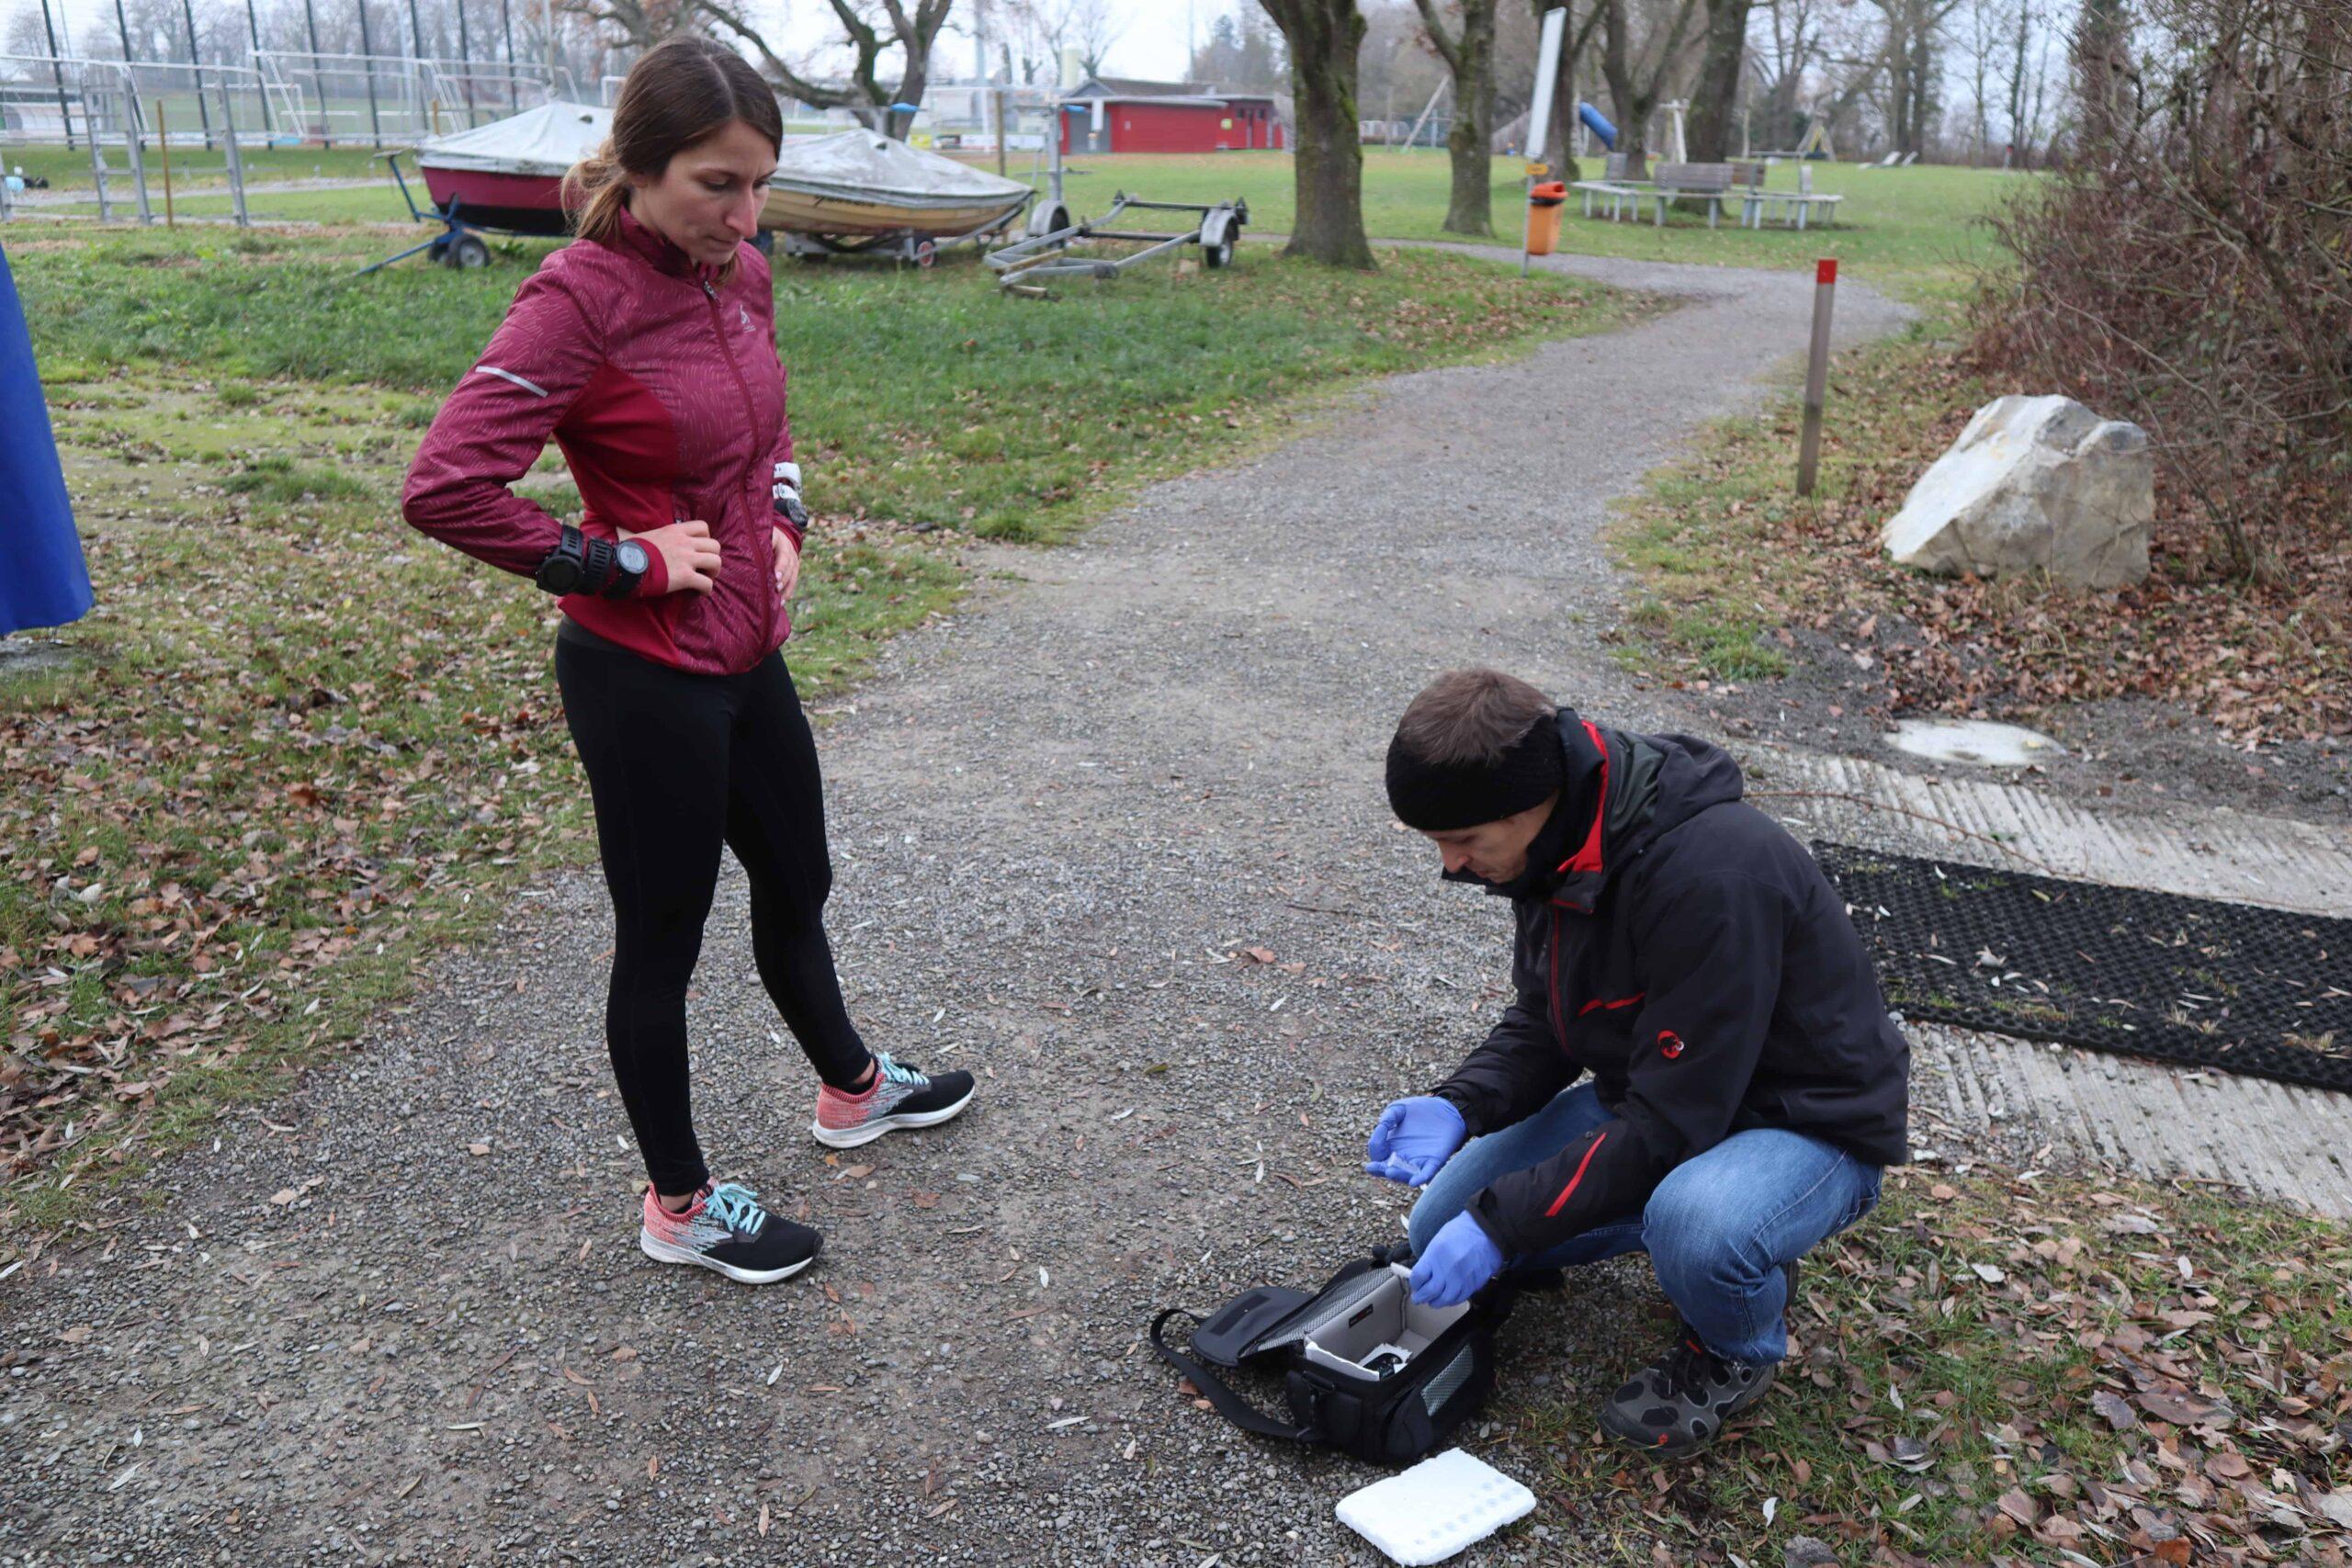 Runner performing an outdoor field test